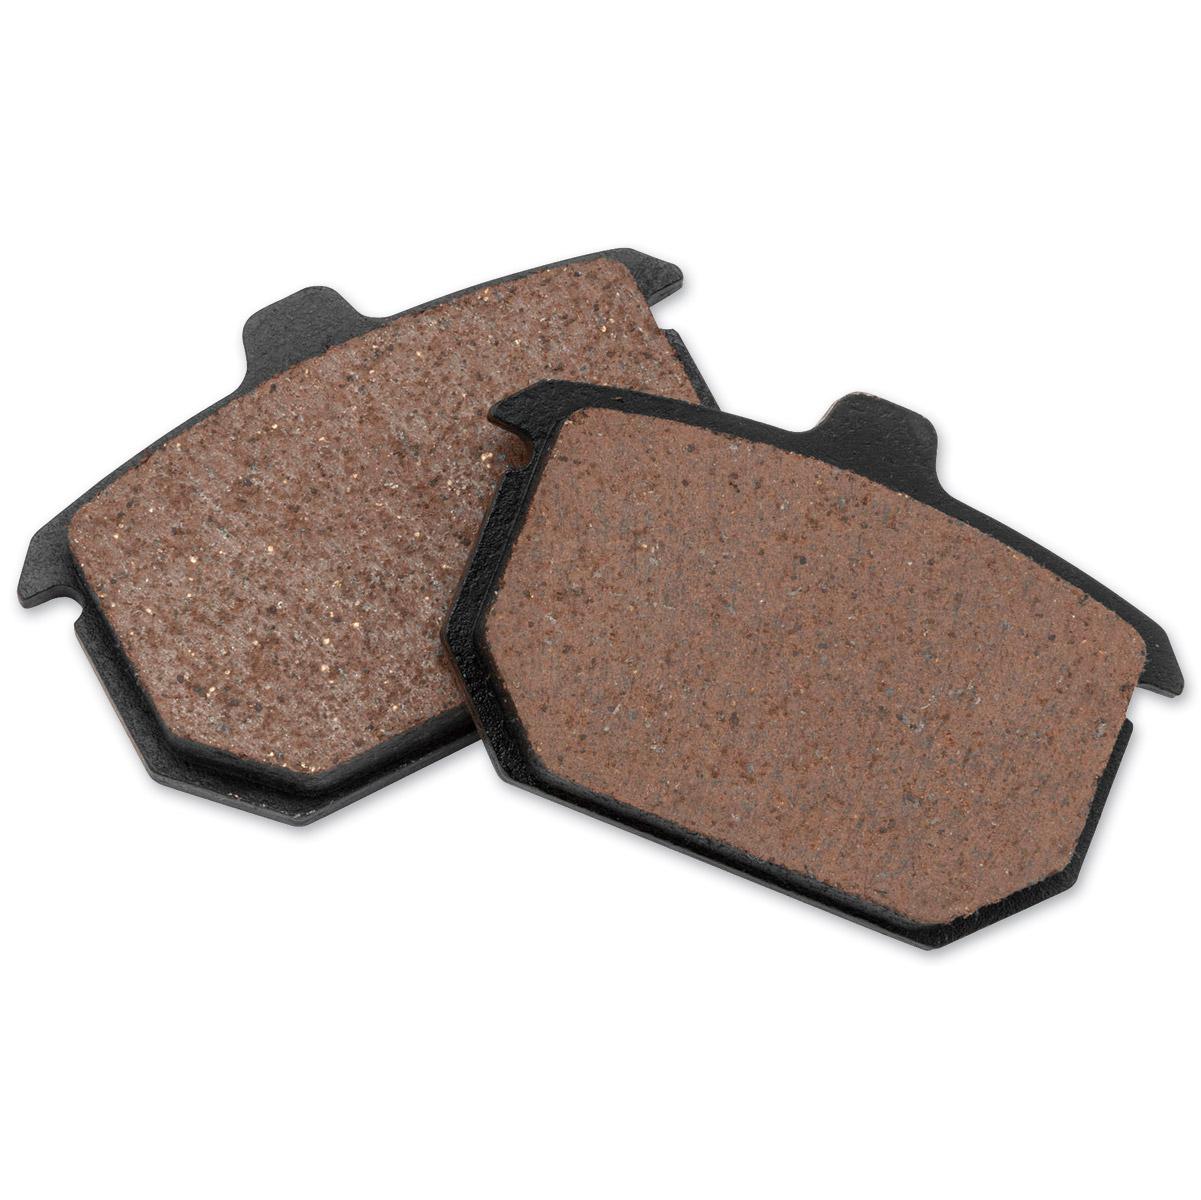 Motorcycle Parts Brand Organic Brake Pads